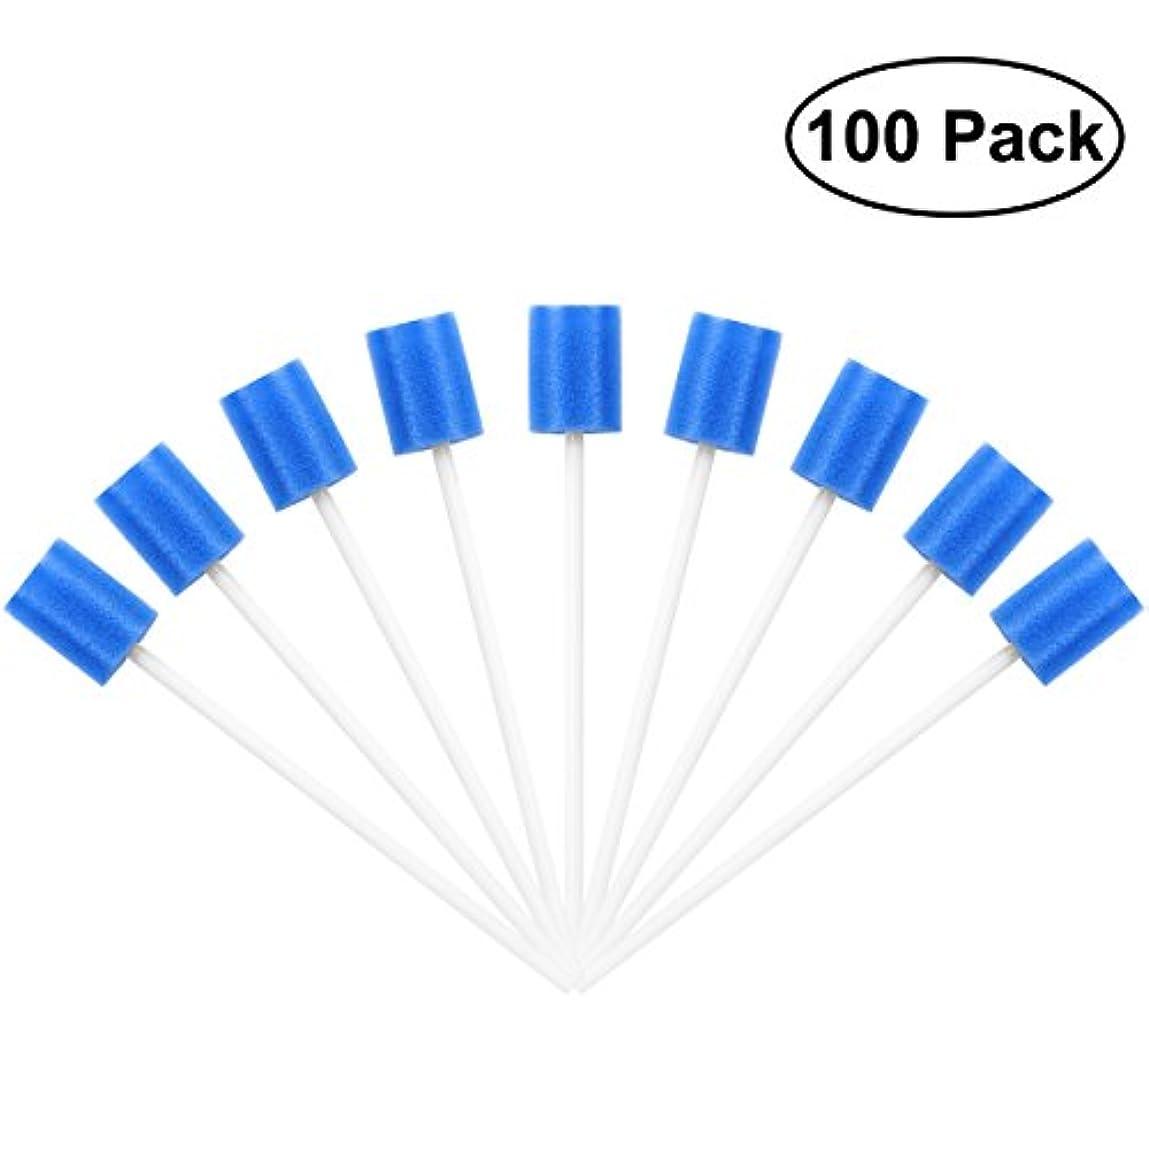 ペースト誘発する曲がったROSENICE Mouth Sponges Dental Swabs 100Pcs Disposable Oral Care Swabs (Blue)